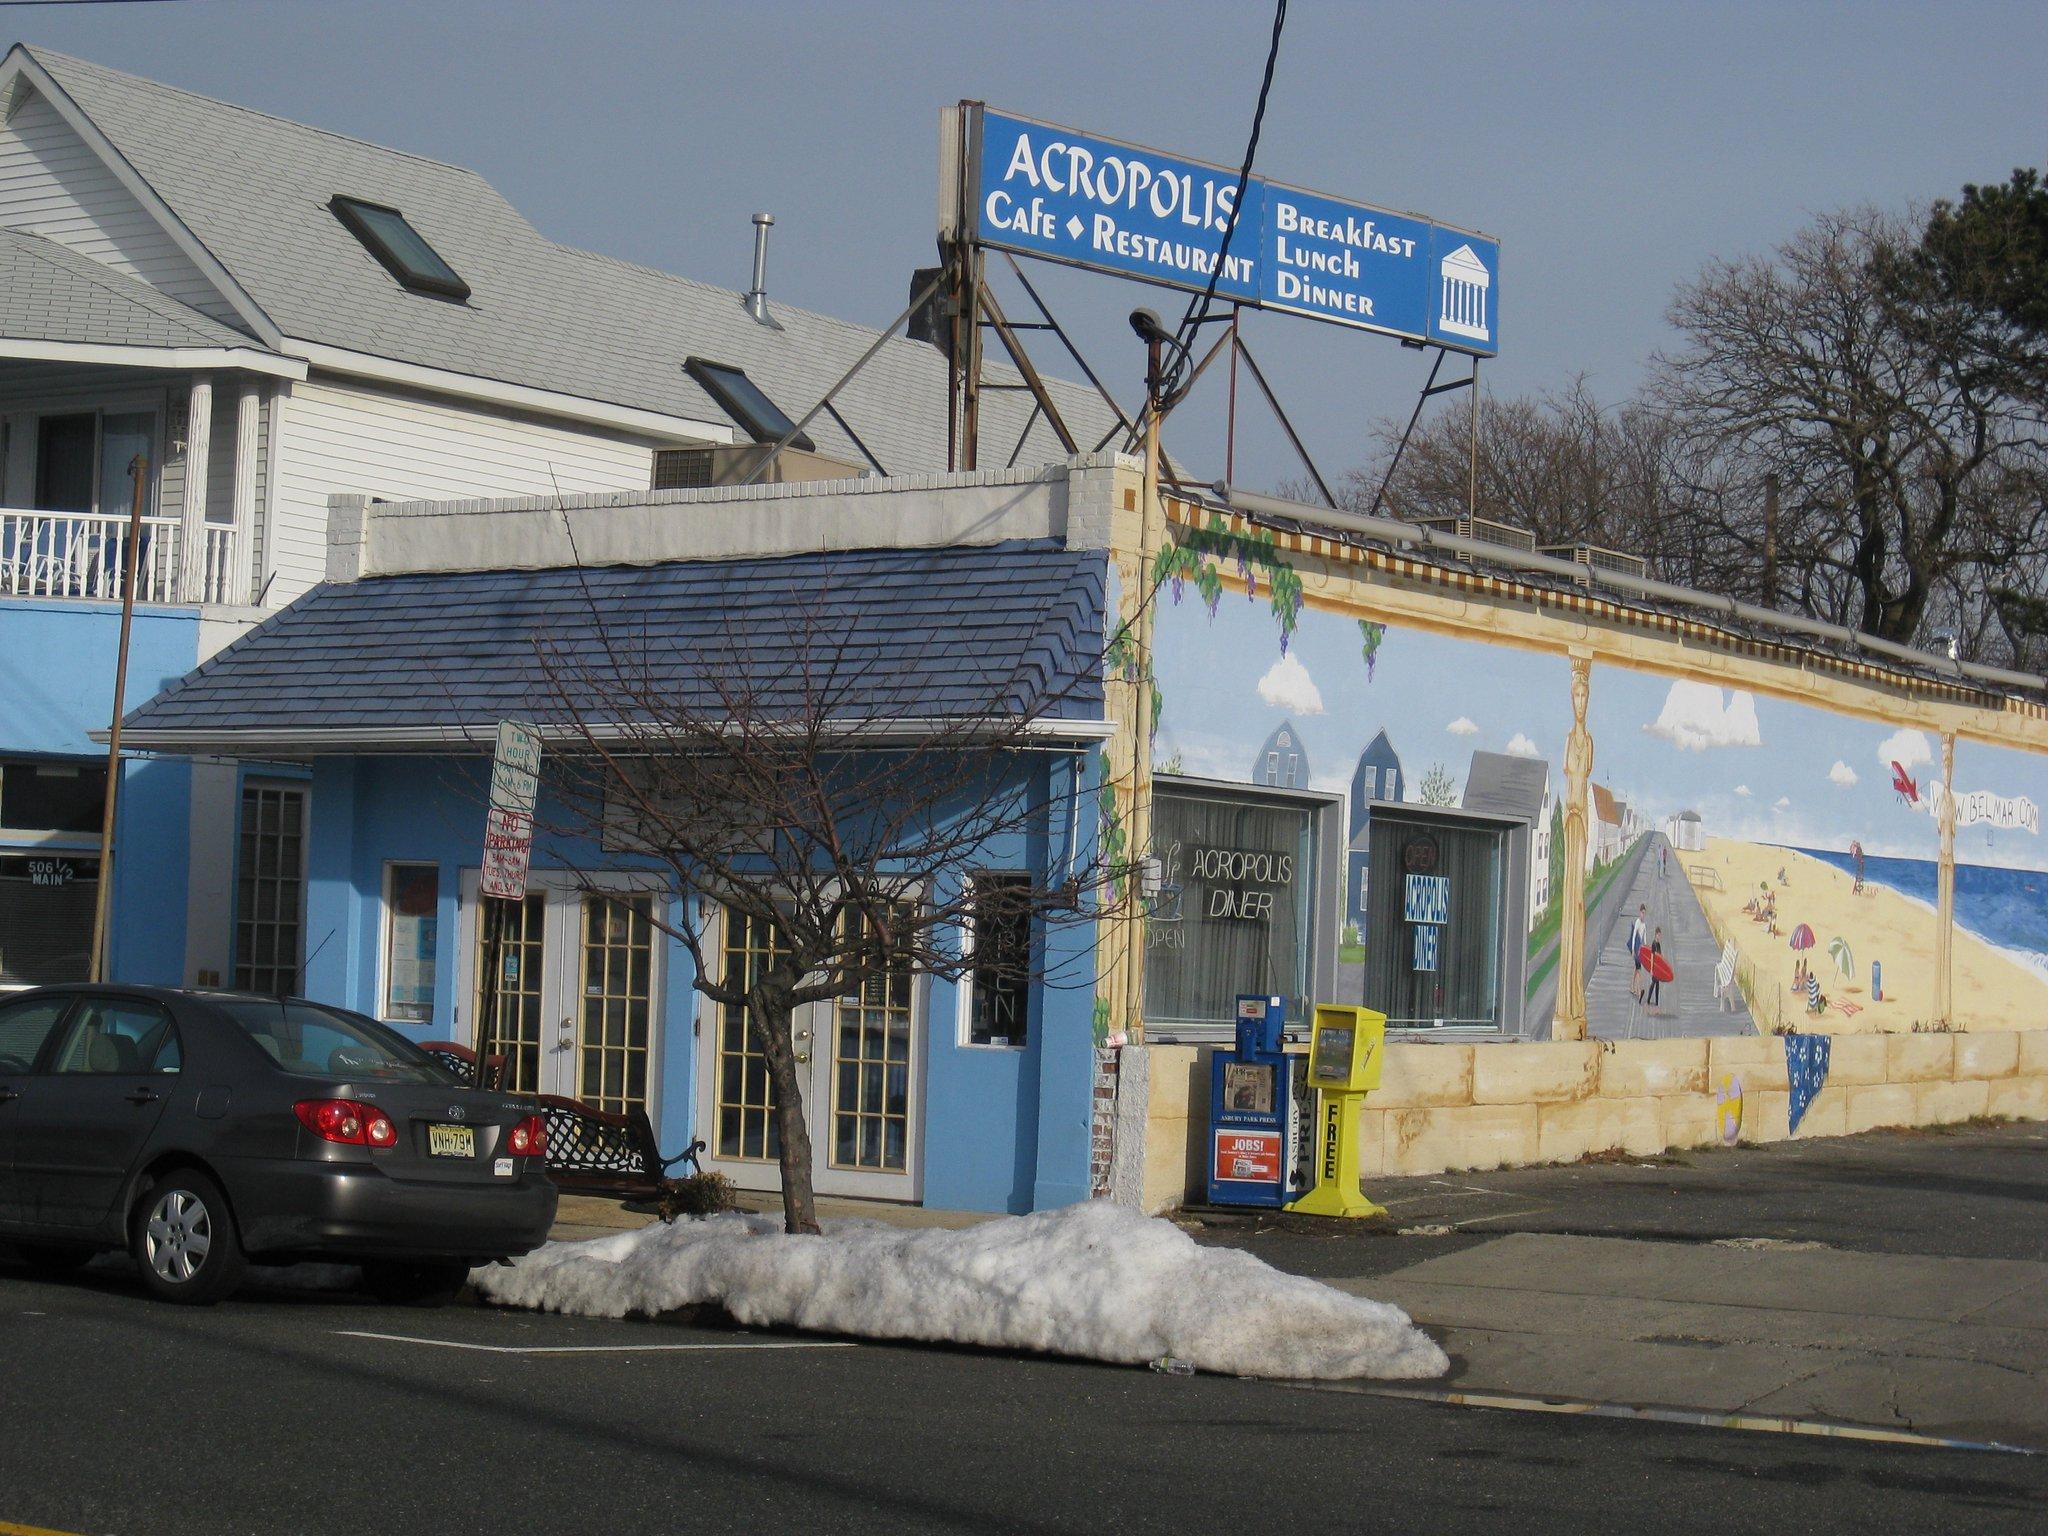 Acropolis Café & Restaurant